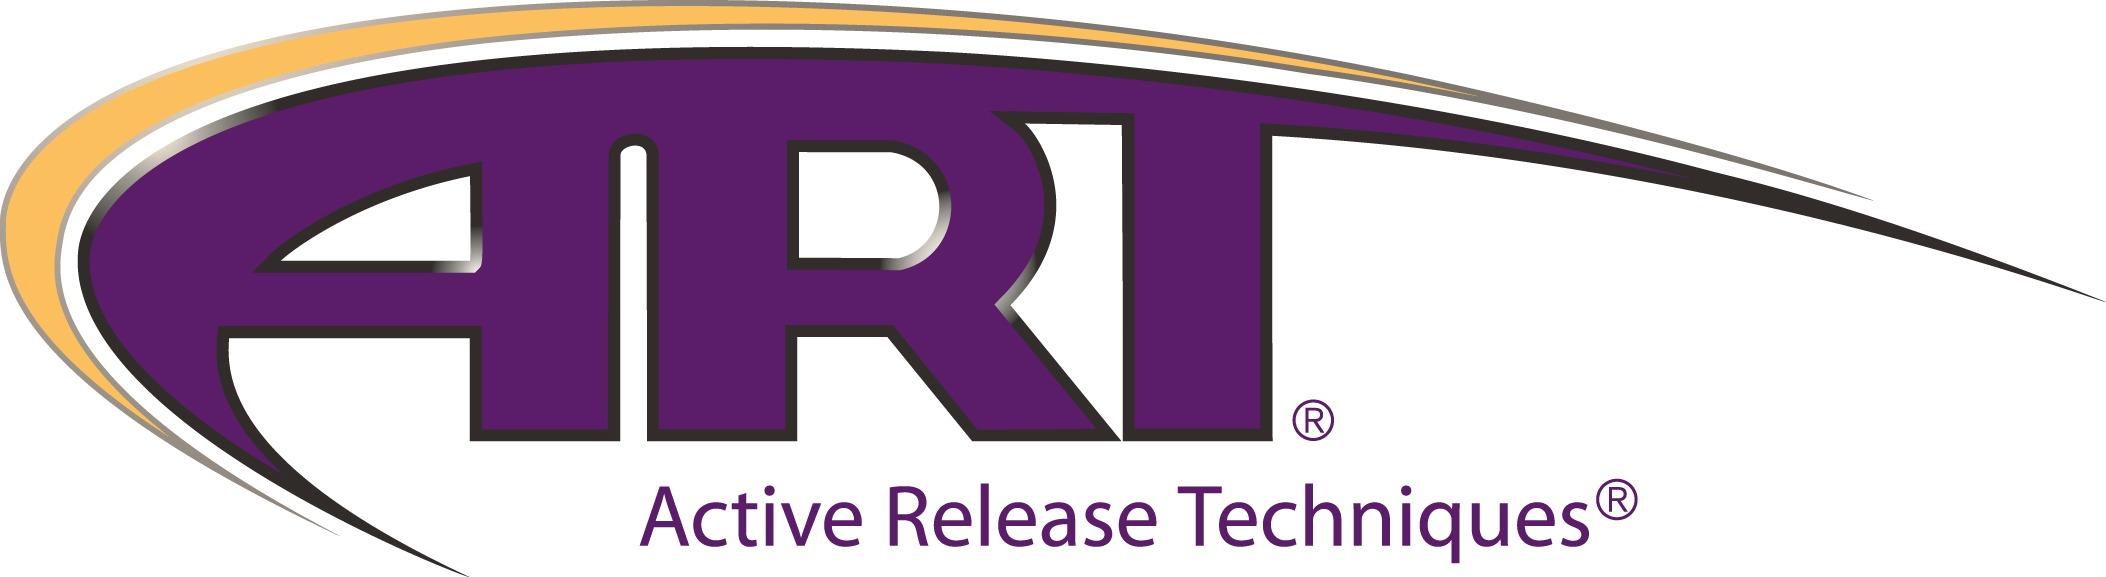 active release technique logo